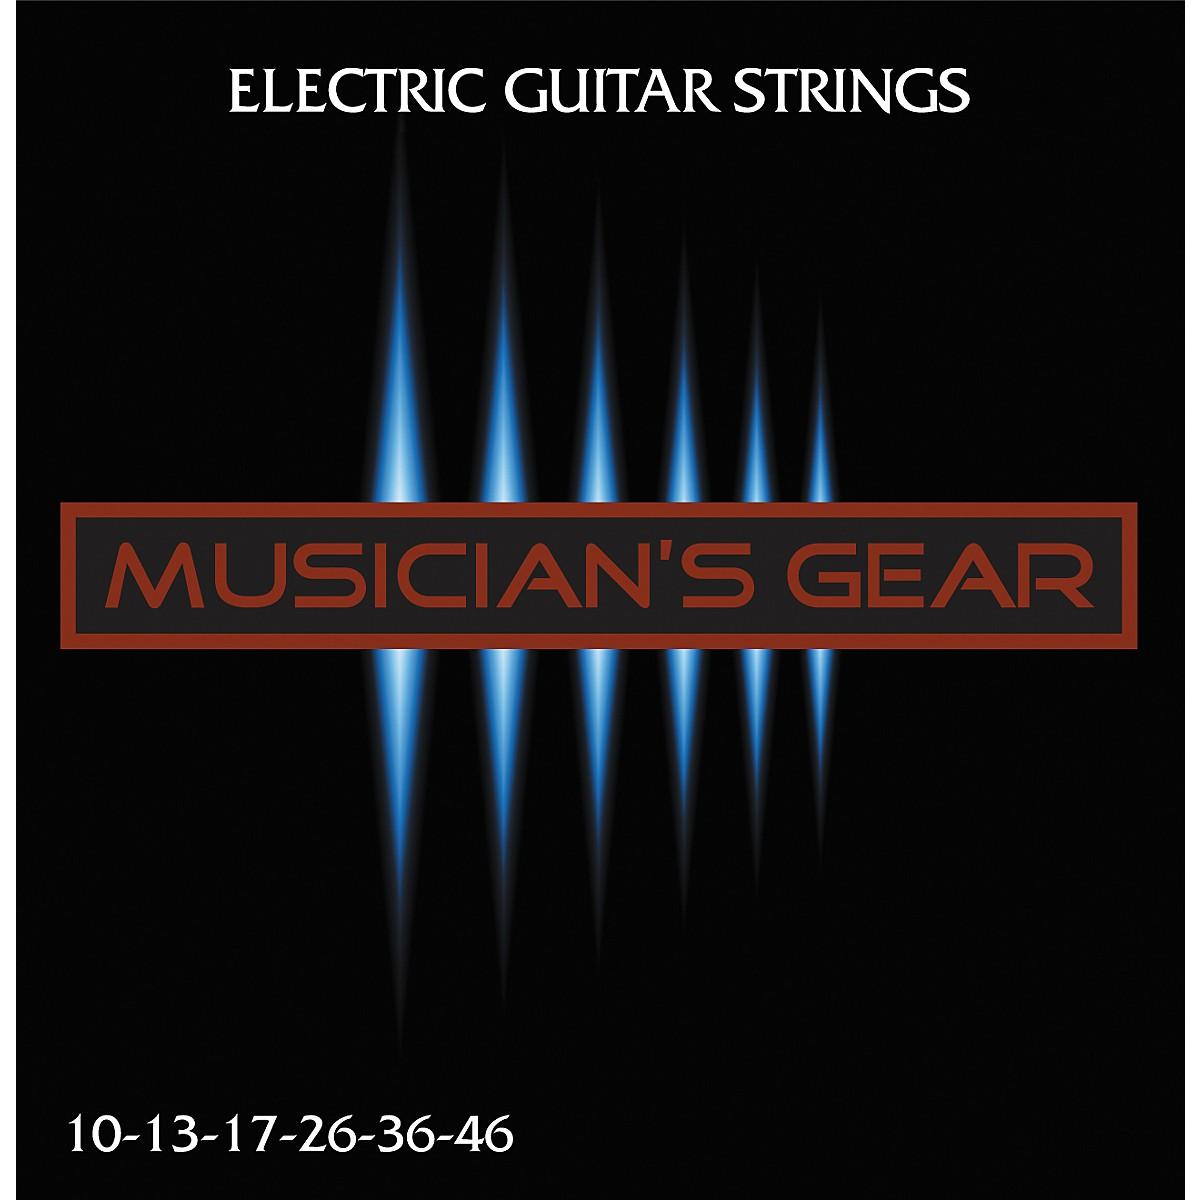 Musician's Gear Electric 10 Nickel Plated Steel Guitar Strings